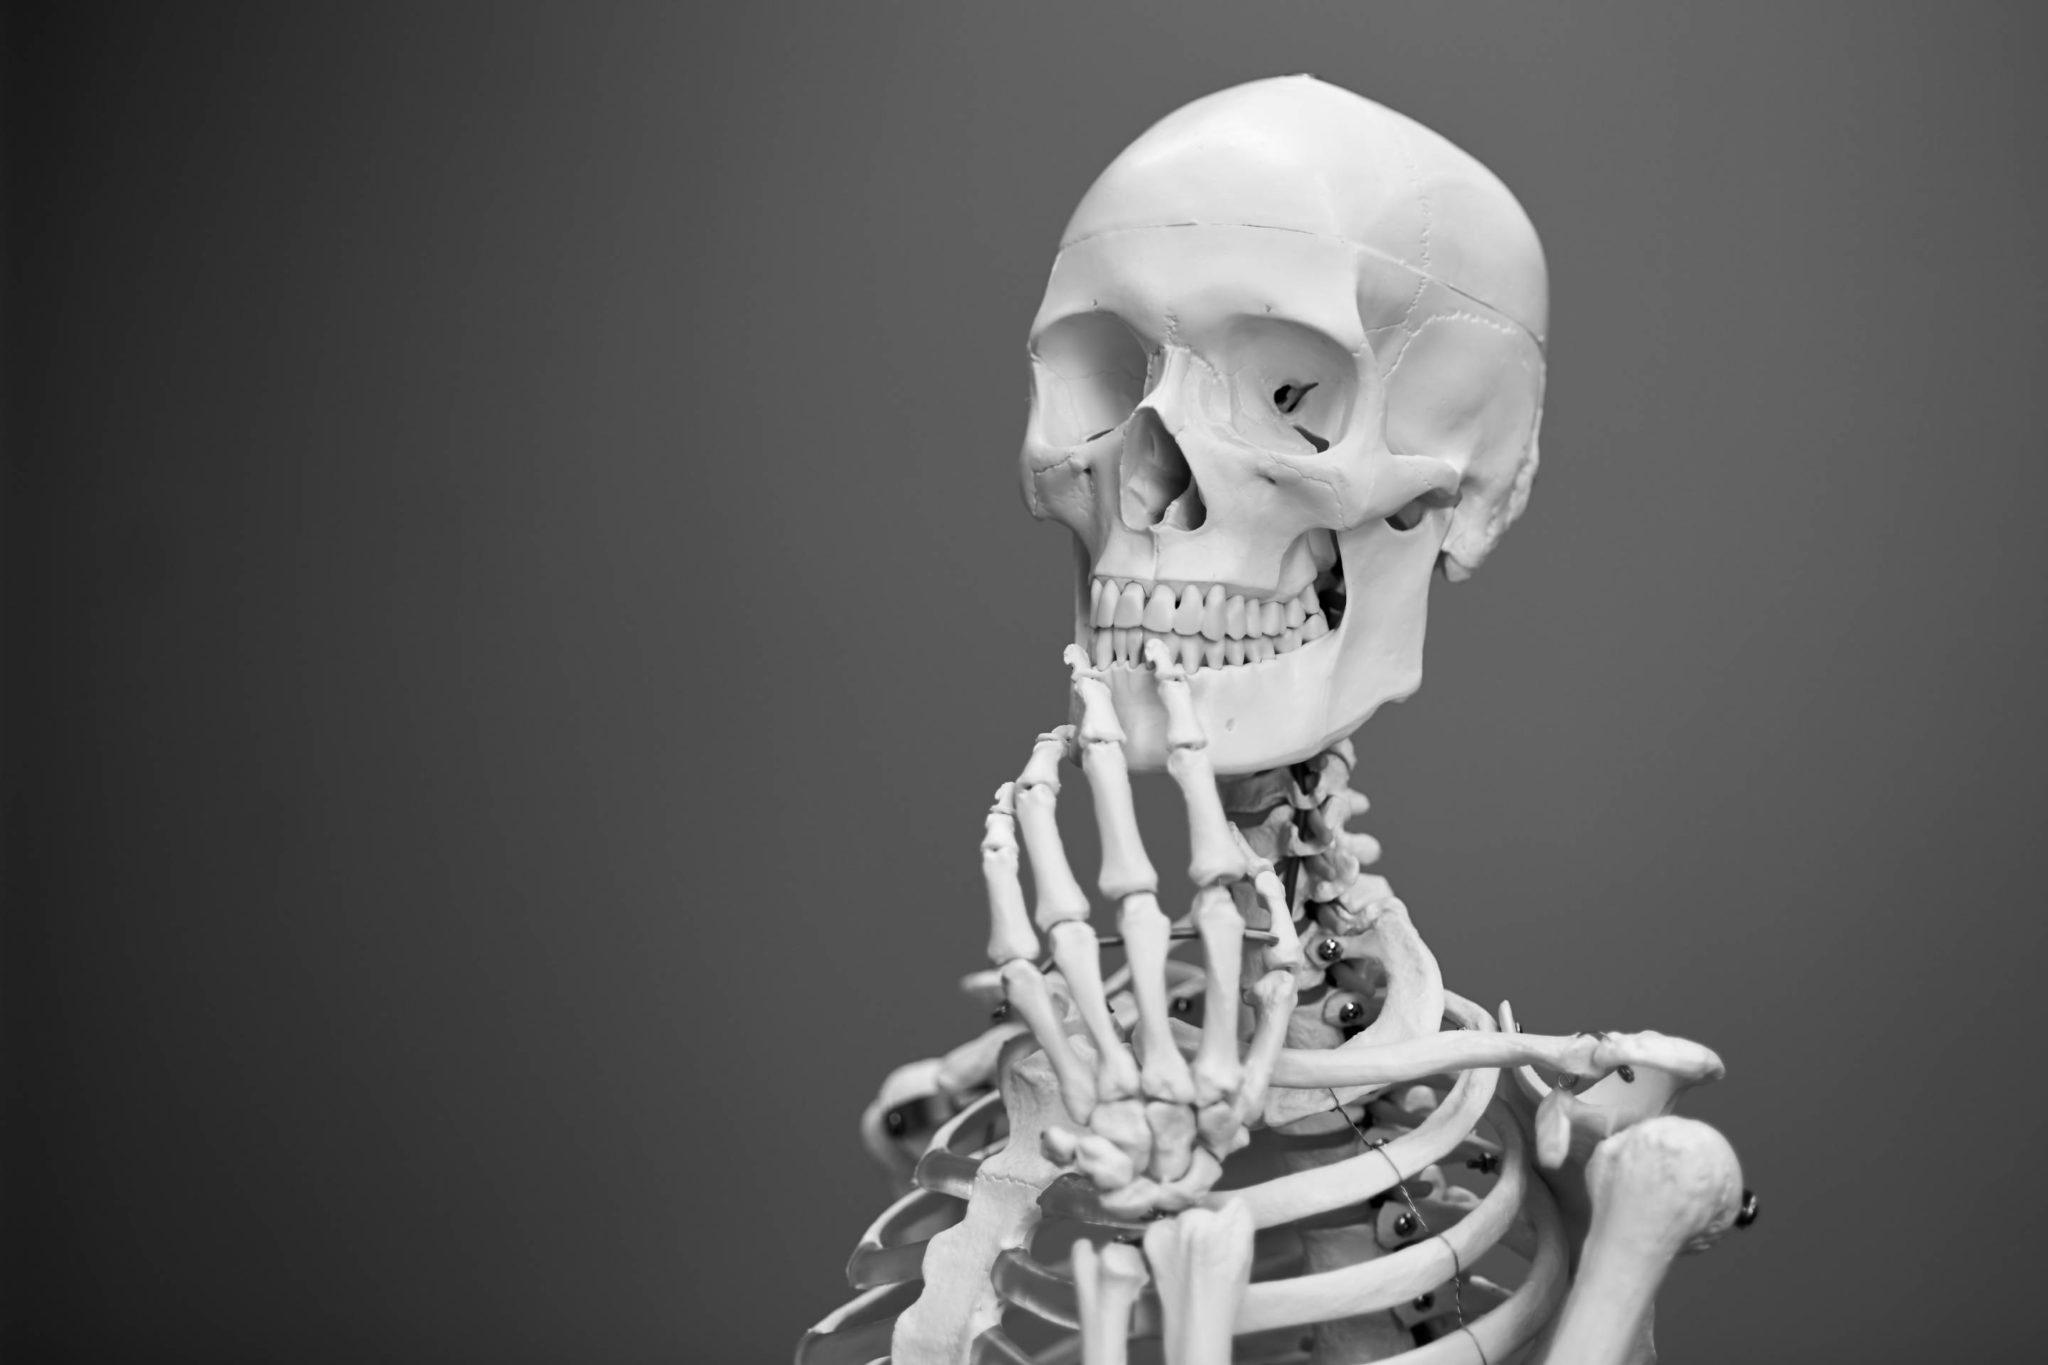 Tipps für Zeitmanagement, mehr Fokus und Klarheit: Ein Skelett in nachdenklicher Pose